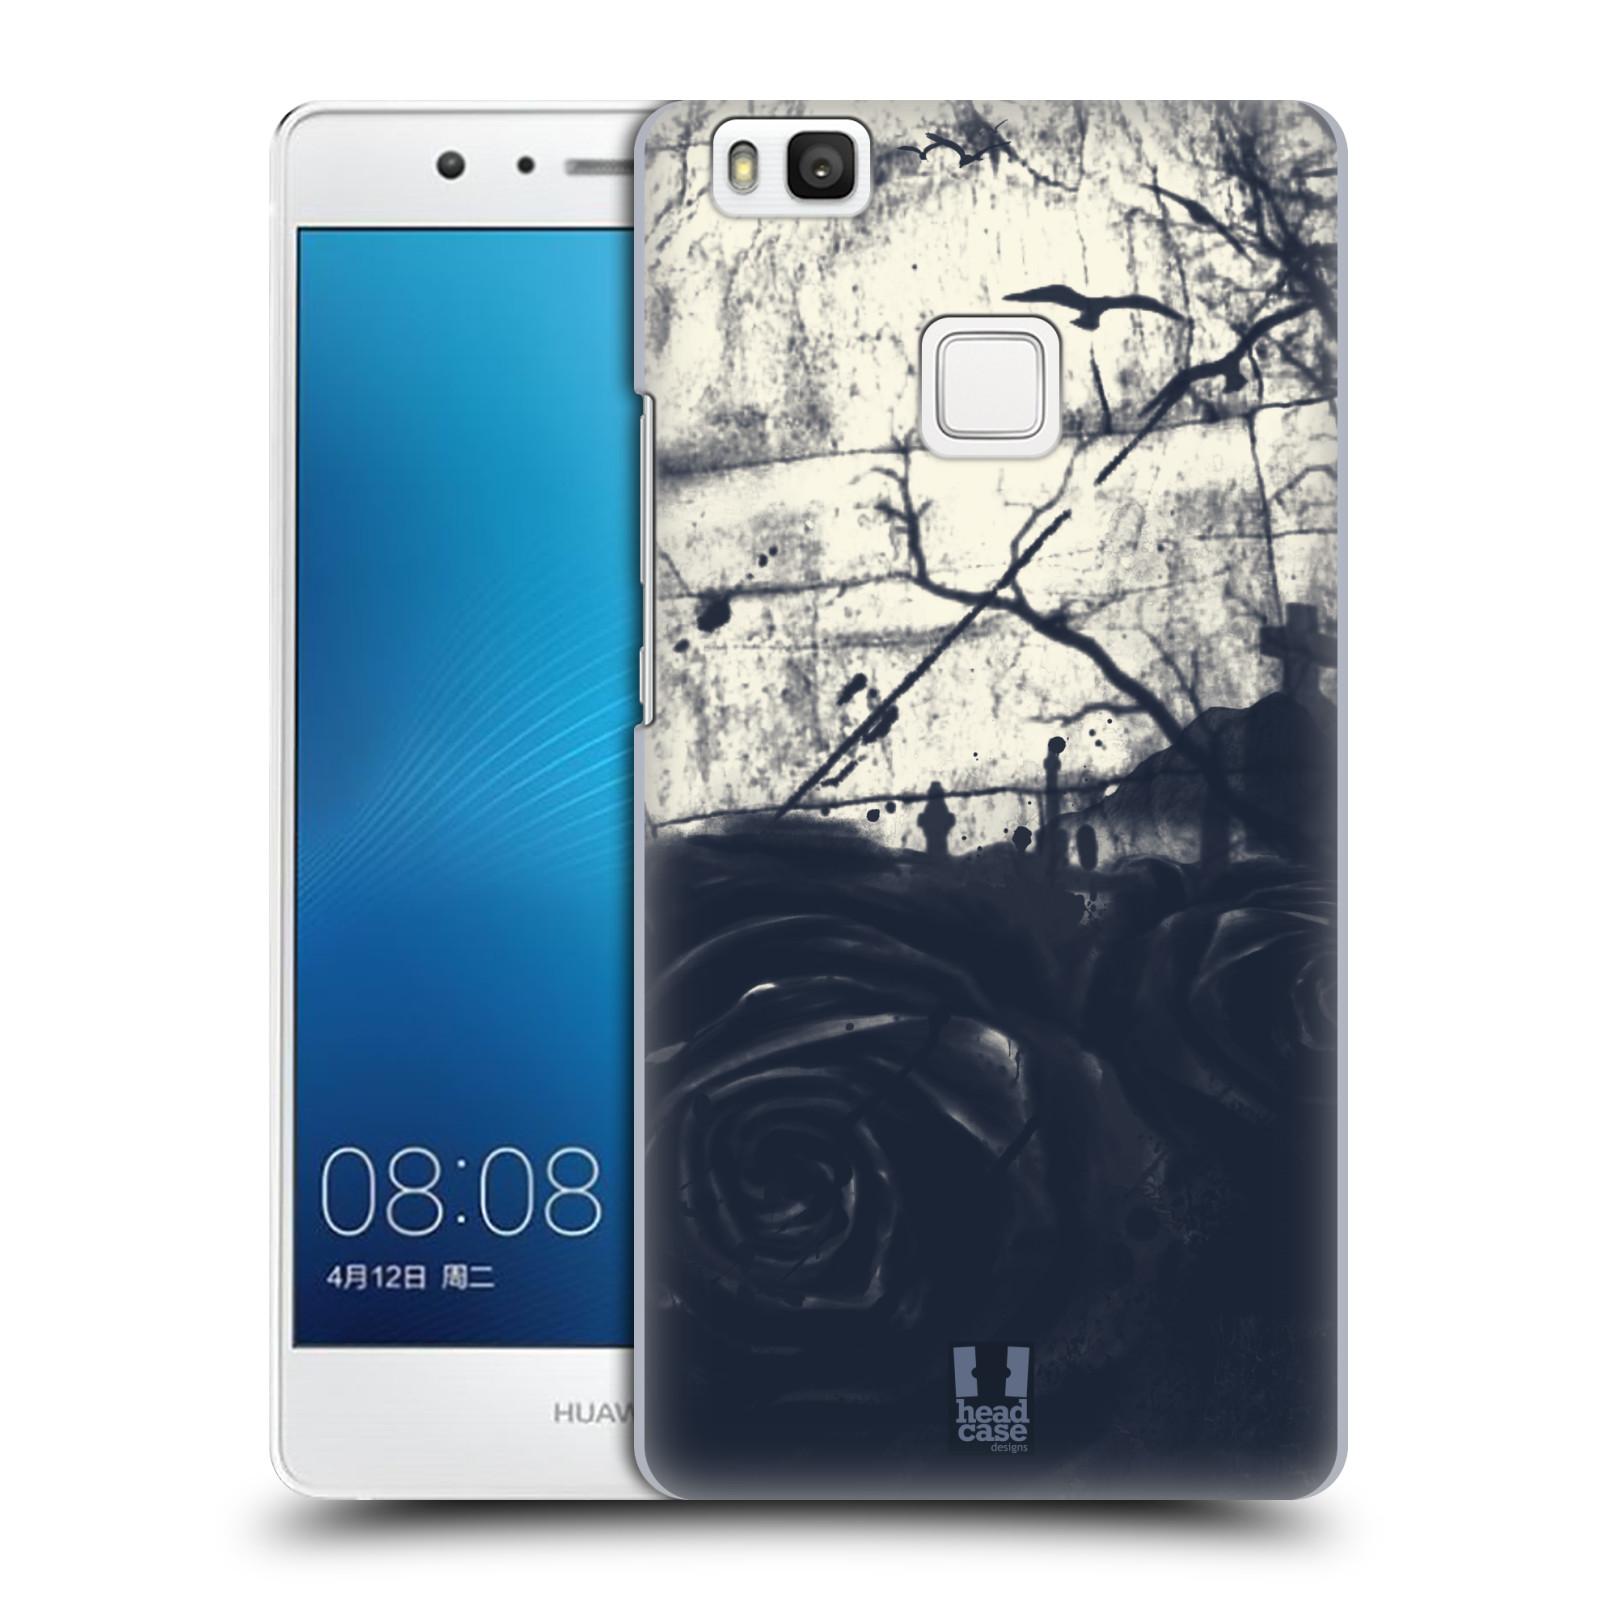 HEAD CASE plastový obal na mobil Huawei P9 LITE   P9 LITE DUAL SIM vzor  Kreslené barevné květiny TEMNÁ RŮŽE 029ccf897fc